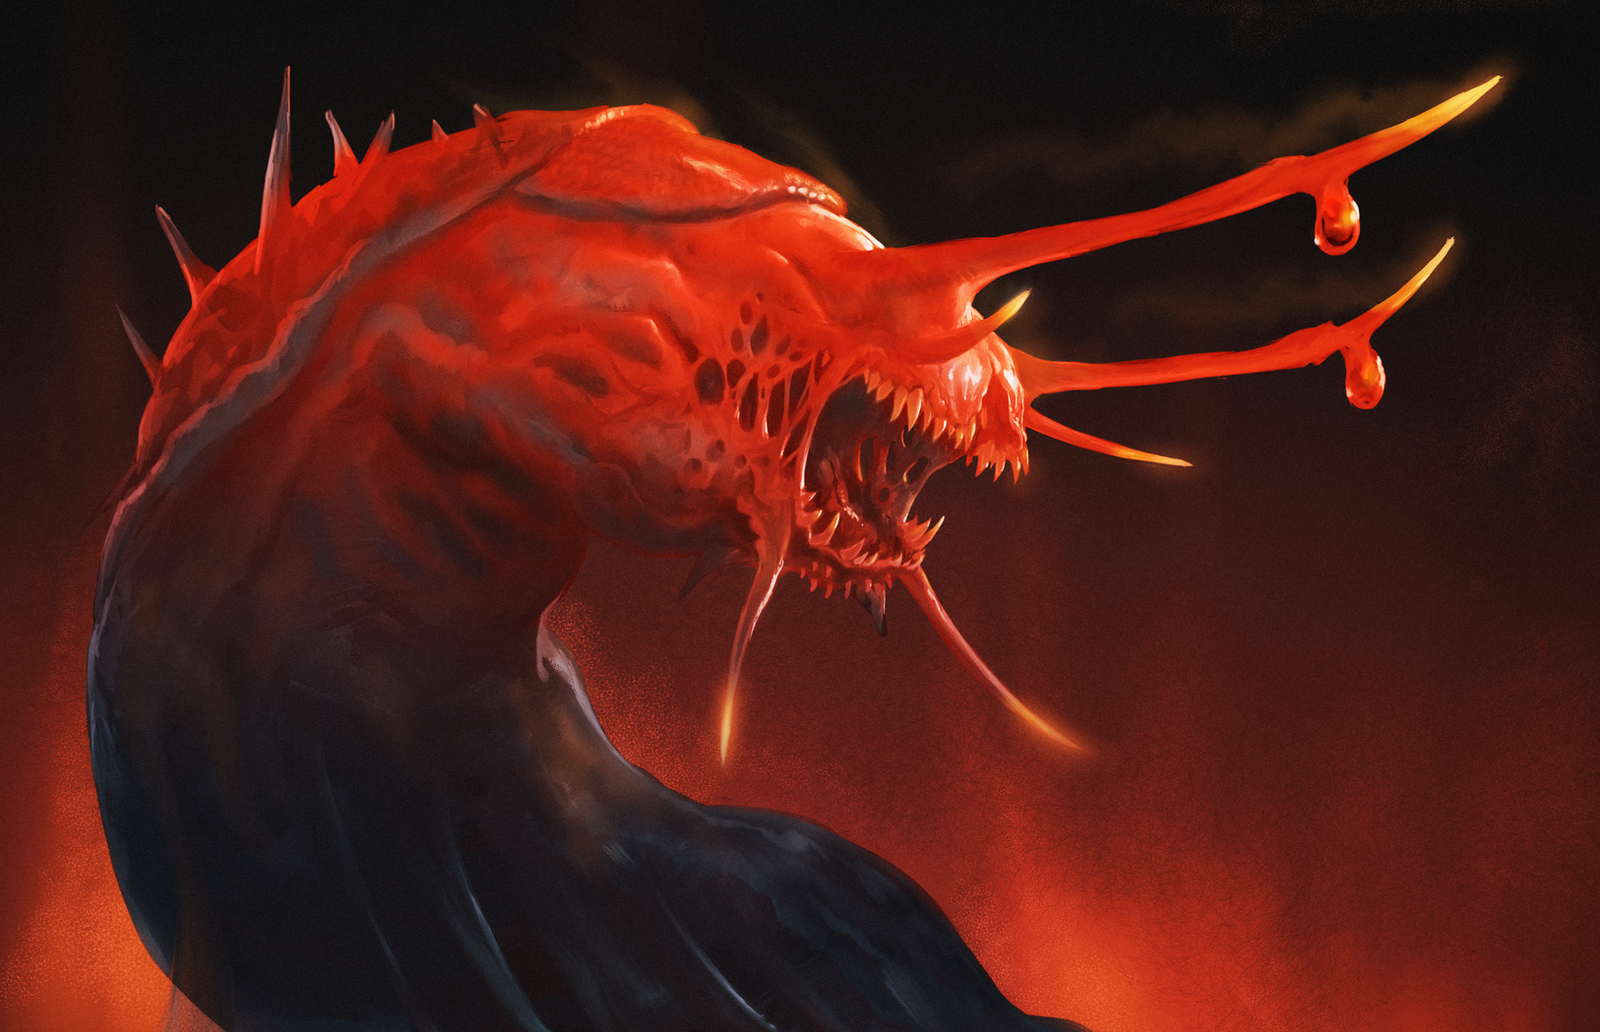 Demonic-Slug-Sketch by Davesrightmind